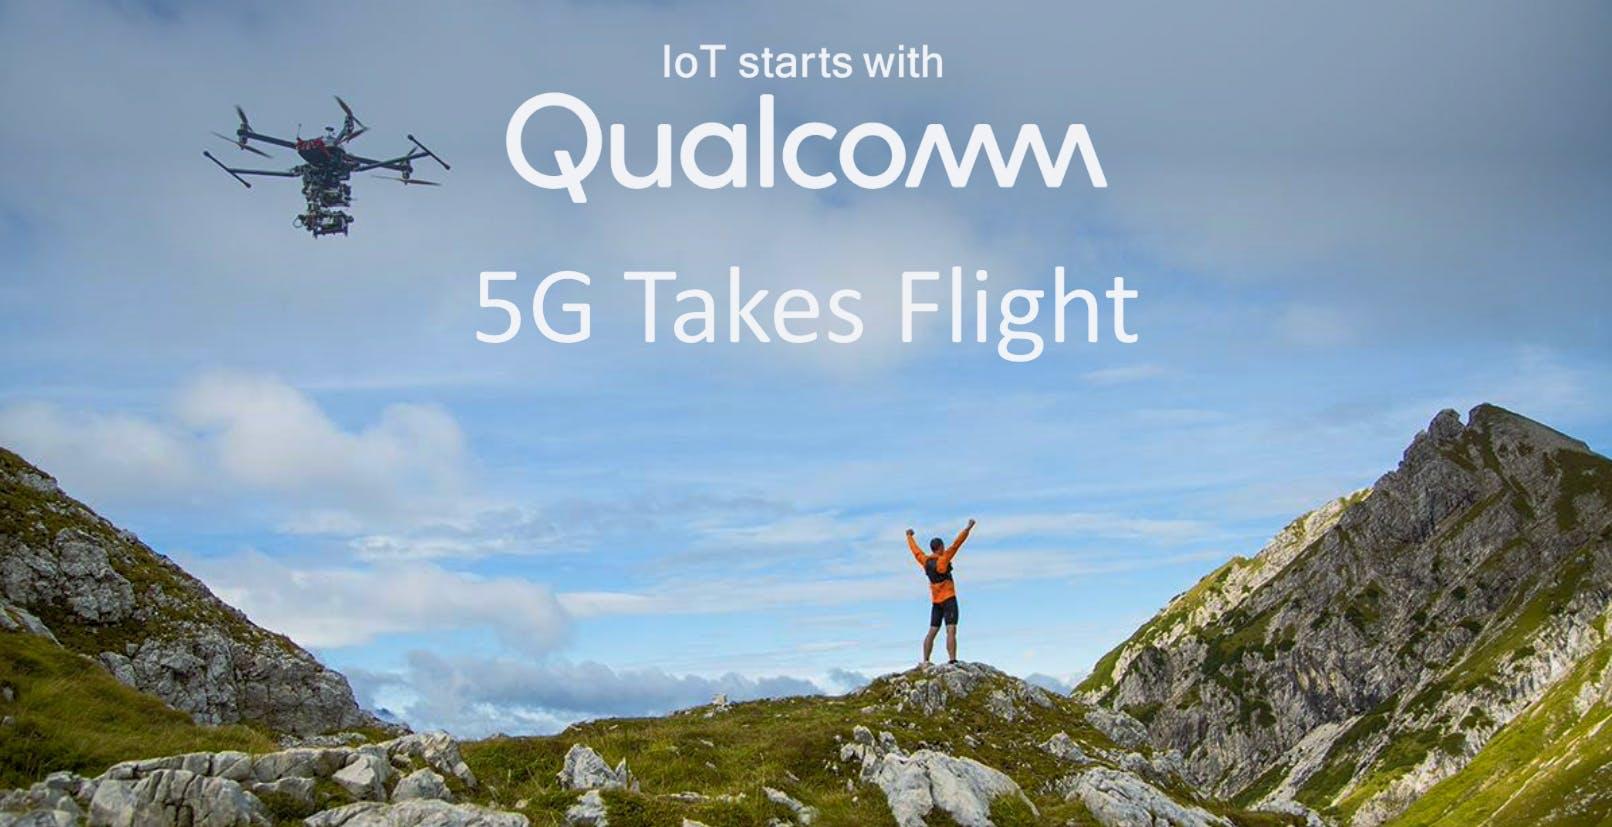 Qualcomm porta 5G e Intelligenza Artificiale sui droni con la nuova piattaforma Flight RB5 5G